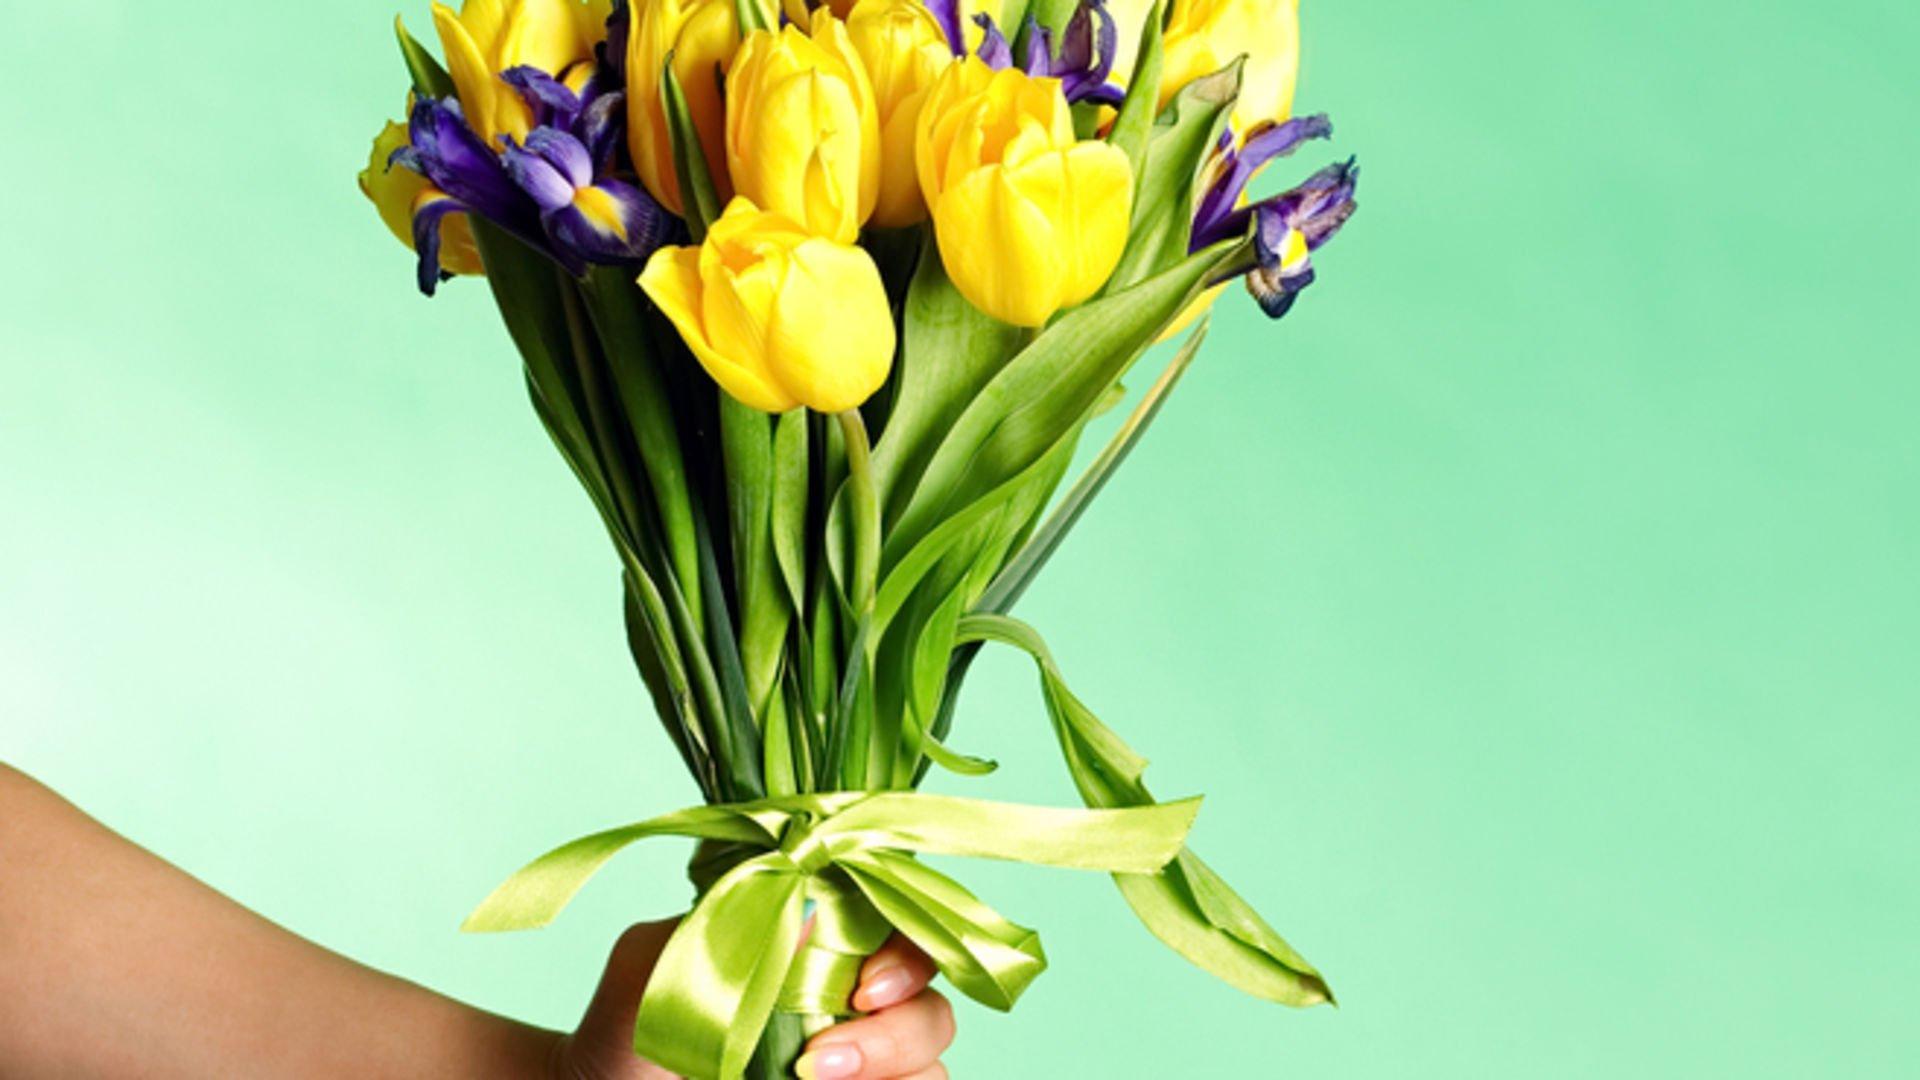 Sevgilime blöf olsun diye kendime çiçek gönderdim